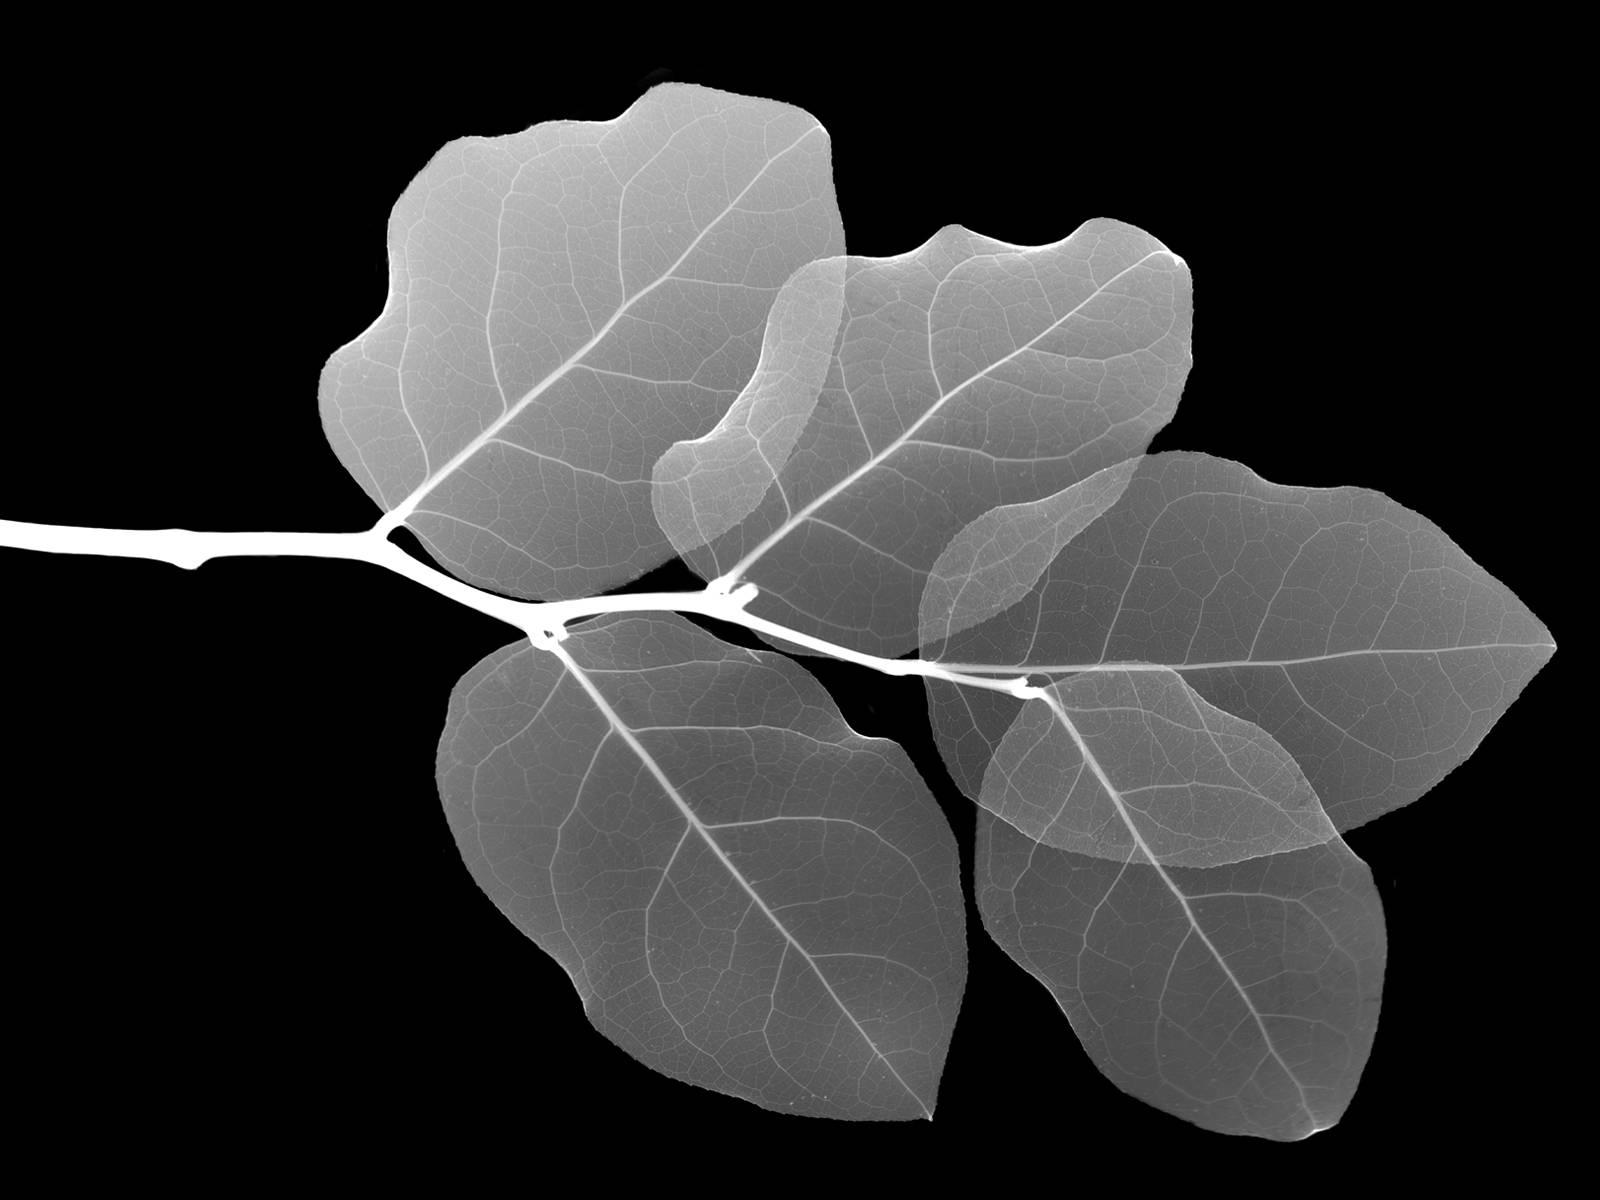 hình ảnh chiếc lá đẹp nhất